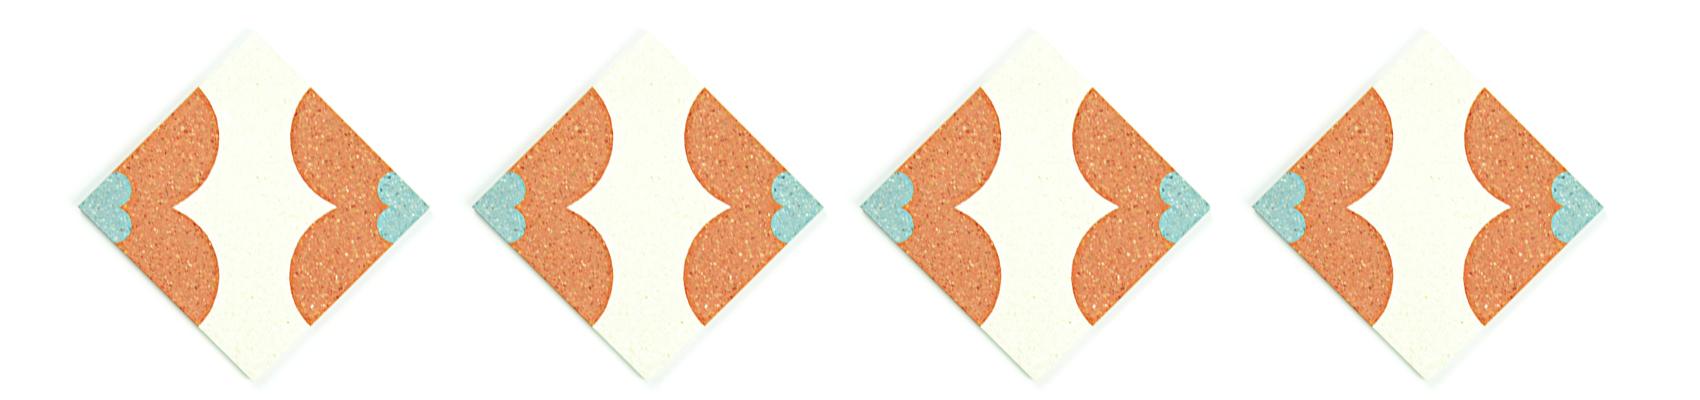 slide-mipa-arancione-45-gradi